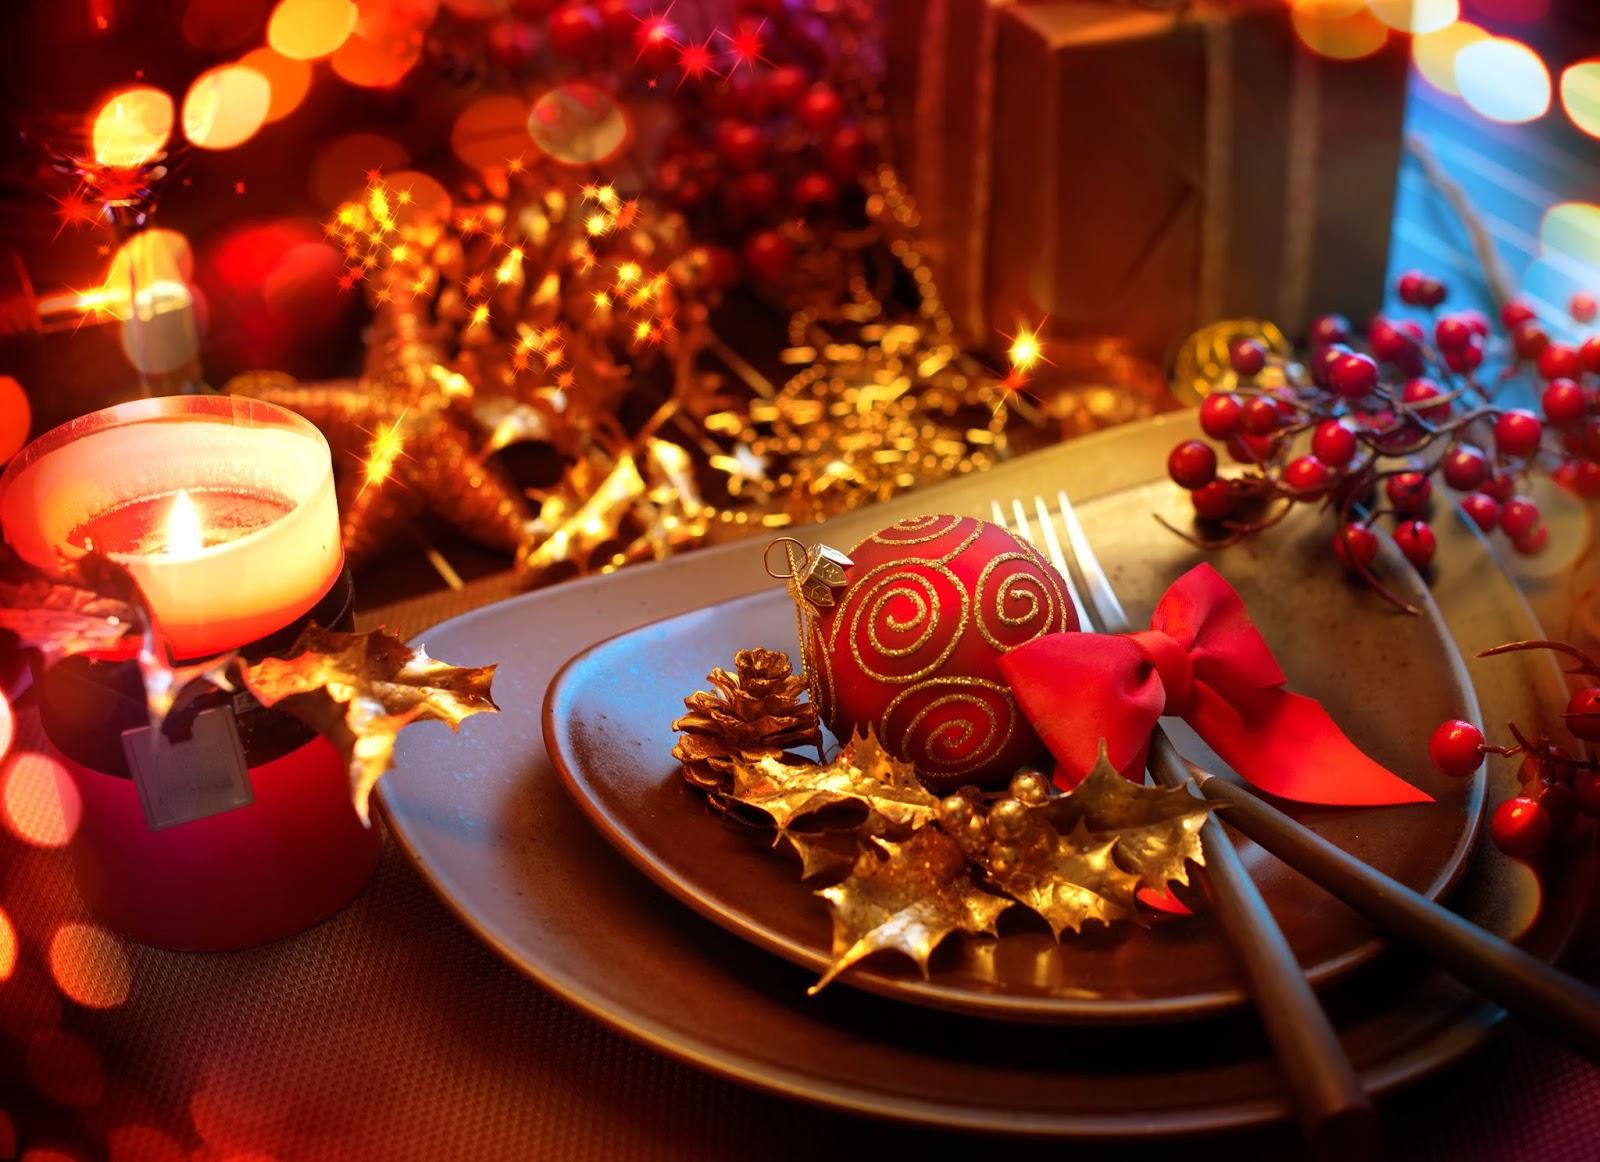 Feliz Nochebuena y magnífica Navidad. #nochebuena #navidad #fiestas  #tradición #cultura